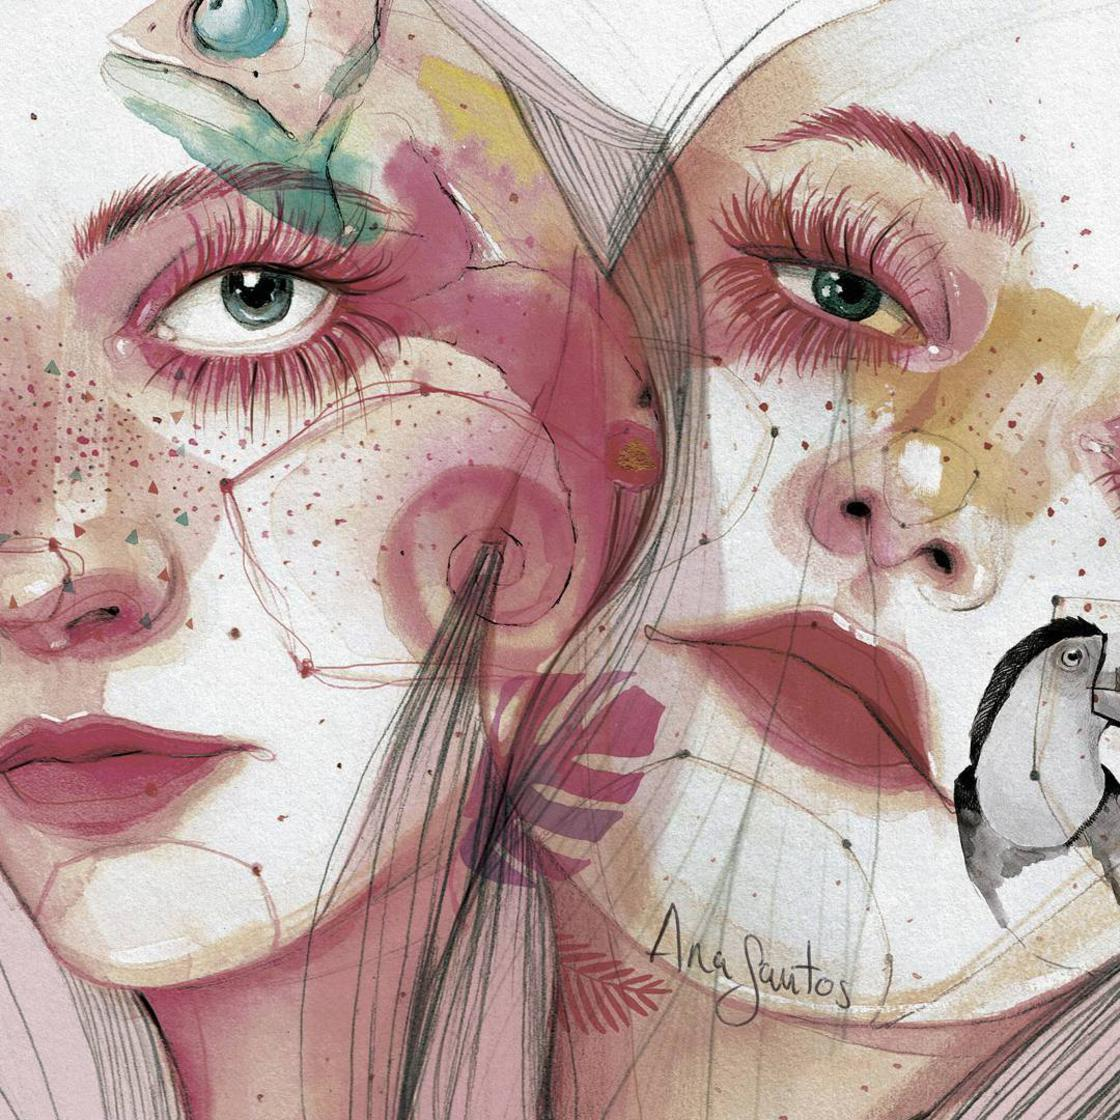 Natural Girls – Les portraits doux et sensuels d'Ana Santos